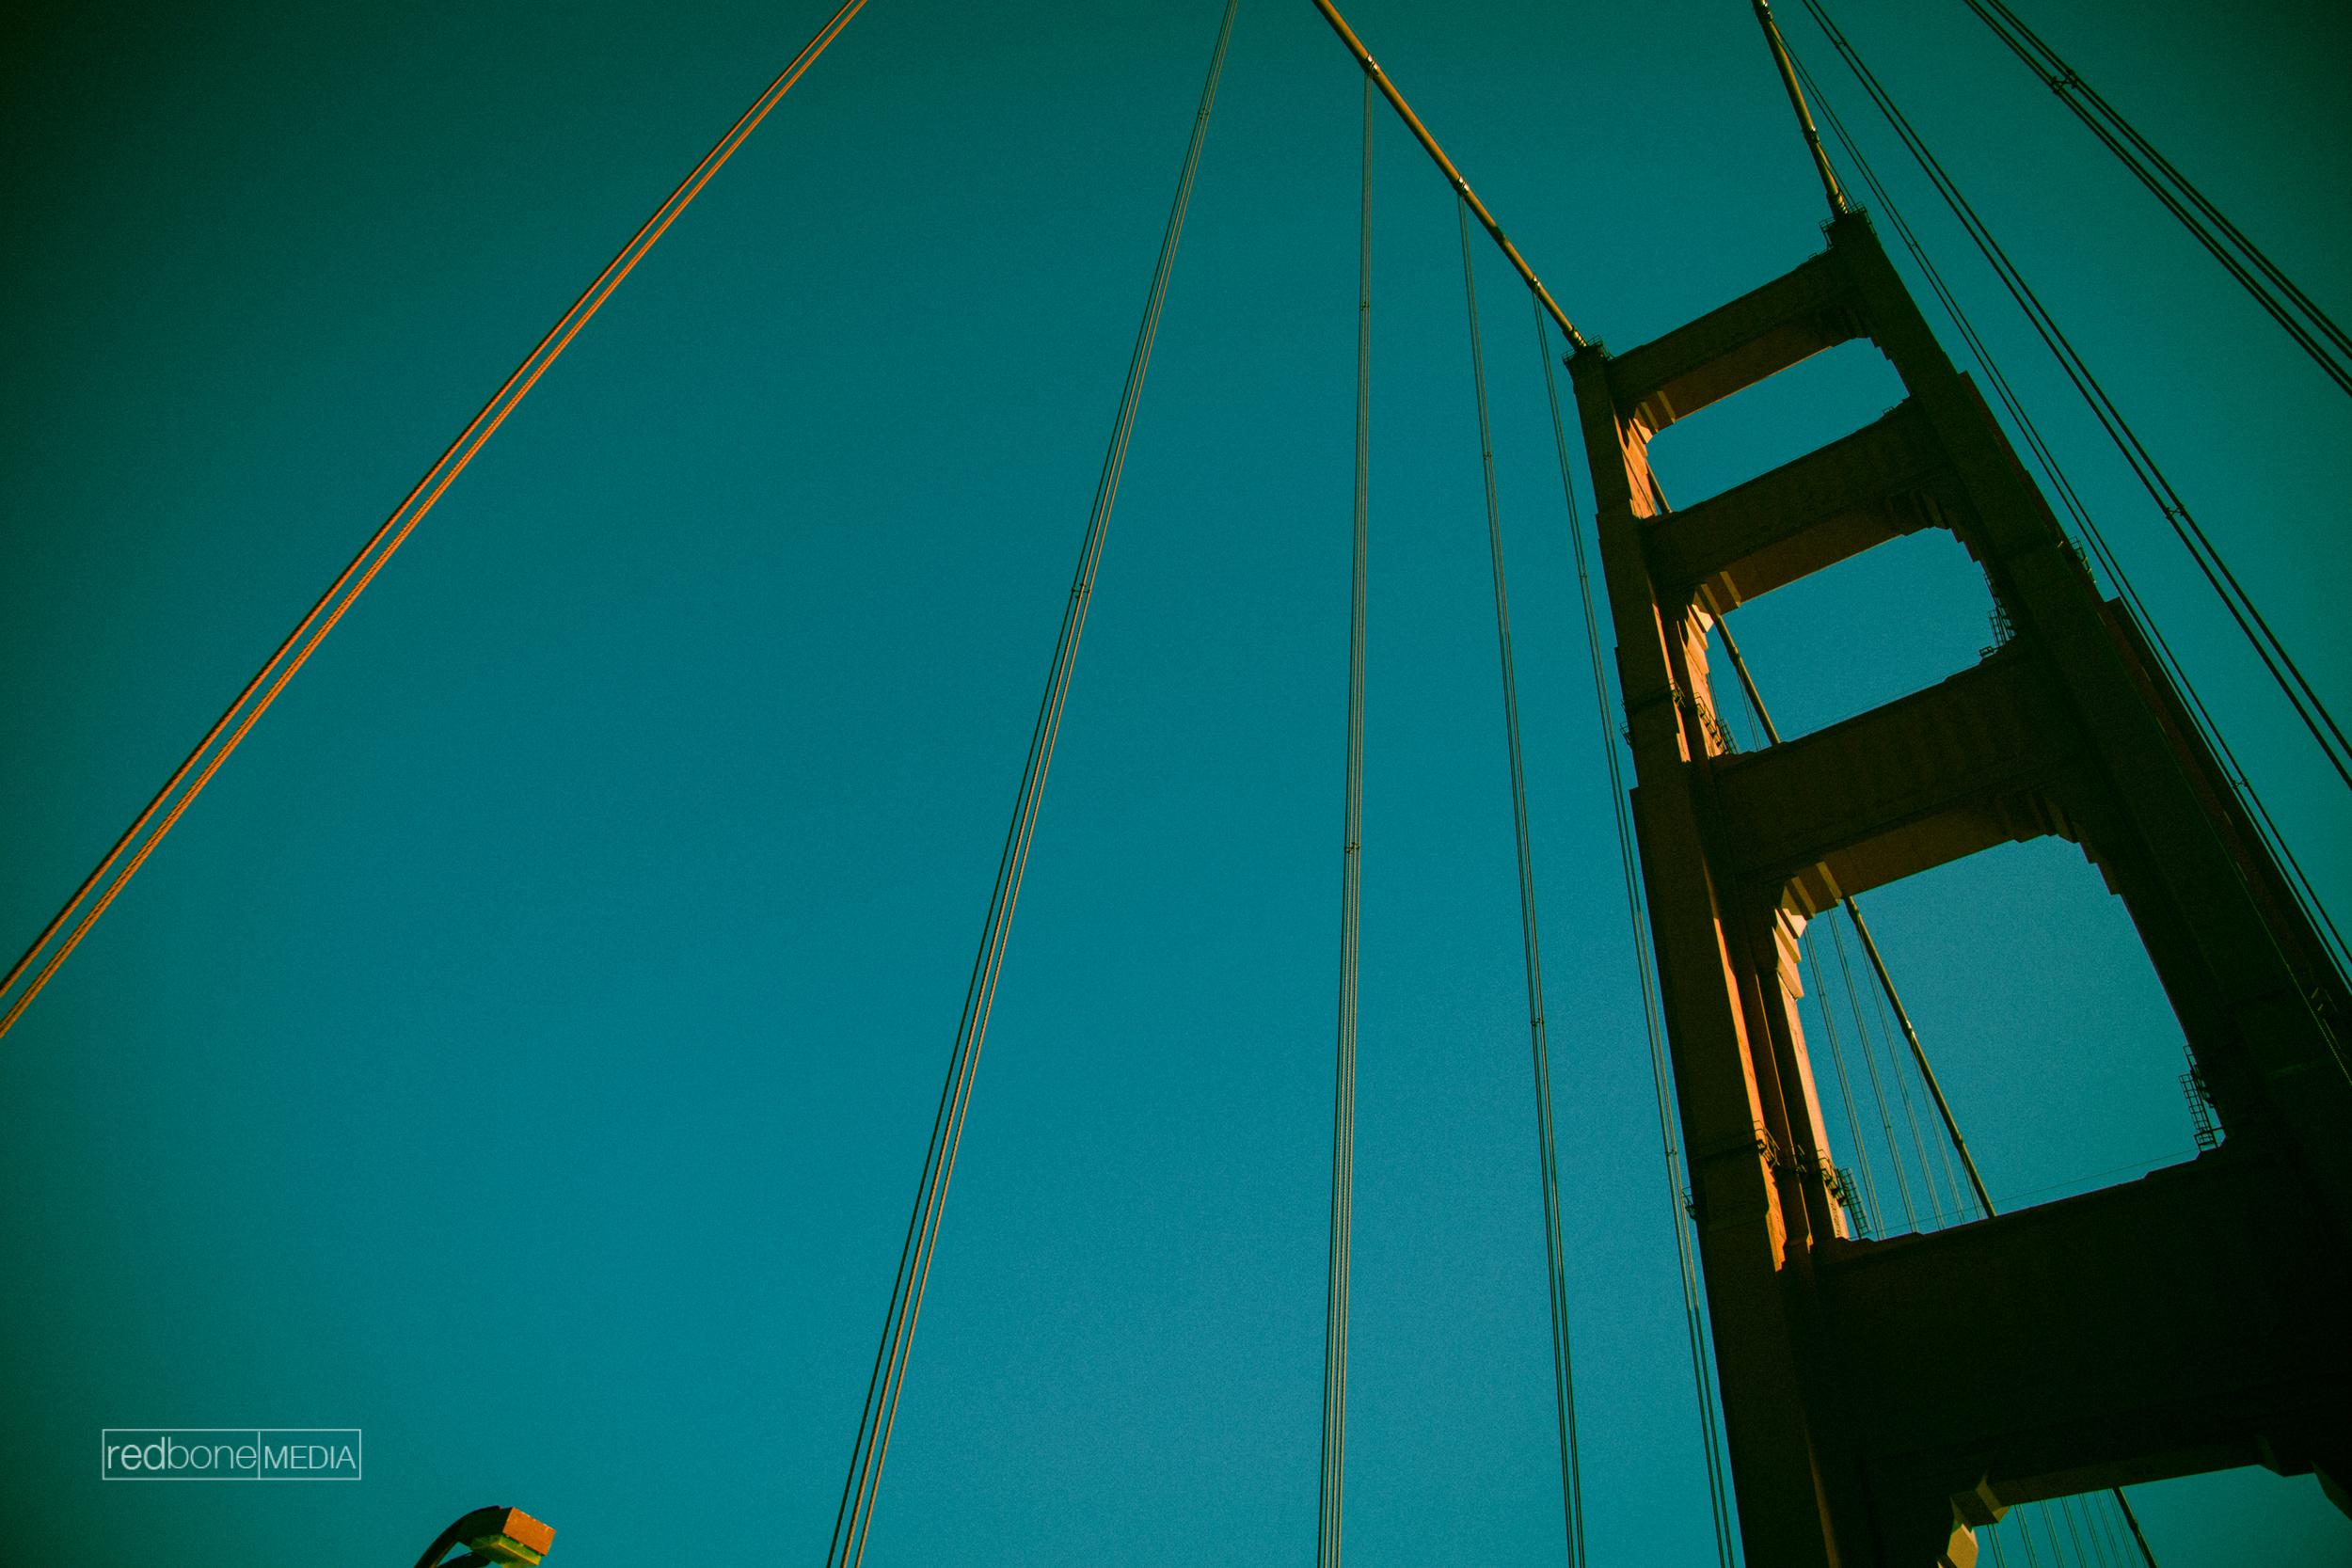 Bridge the Gap II